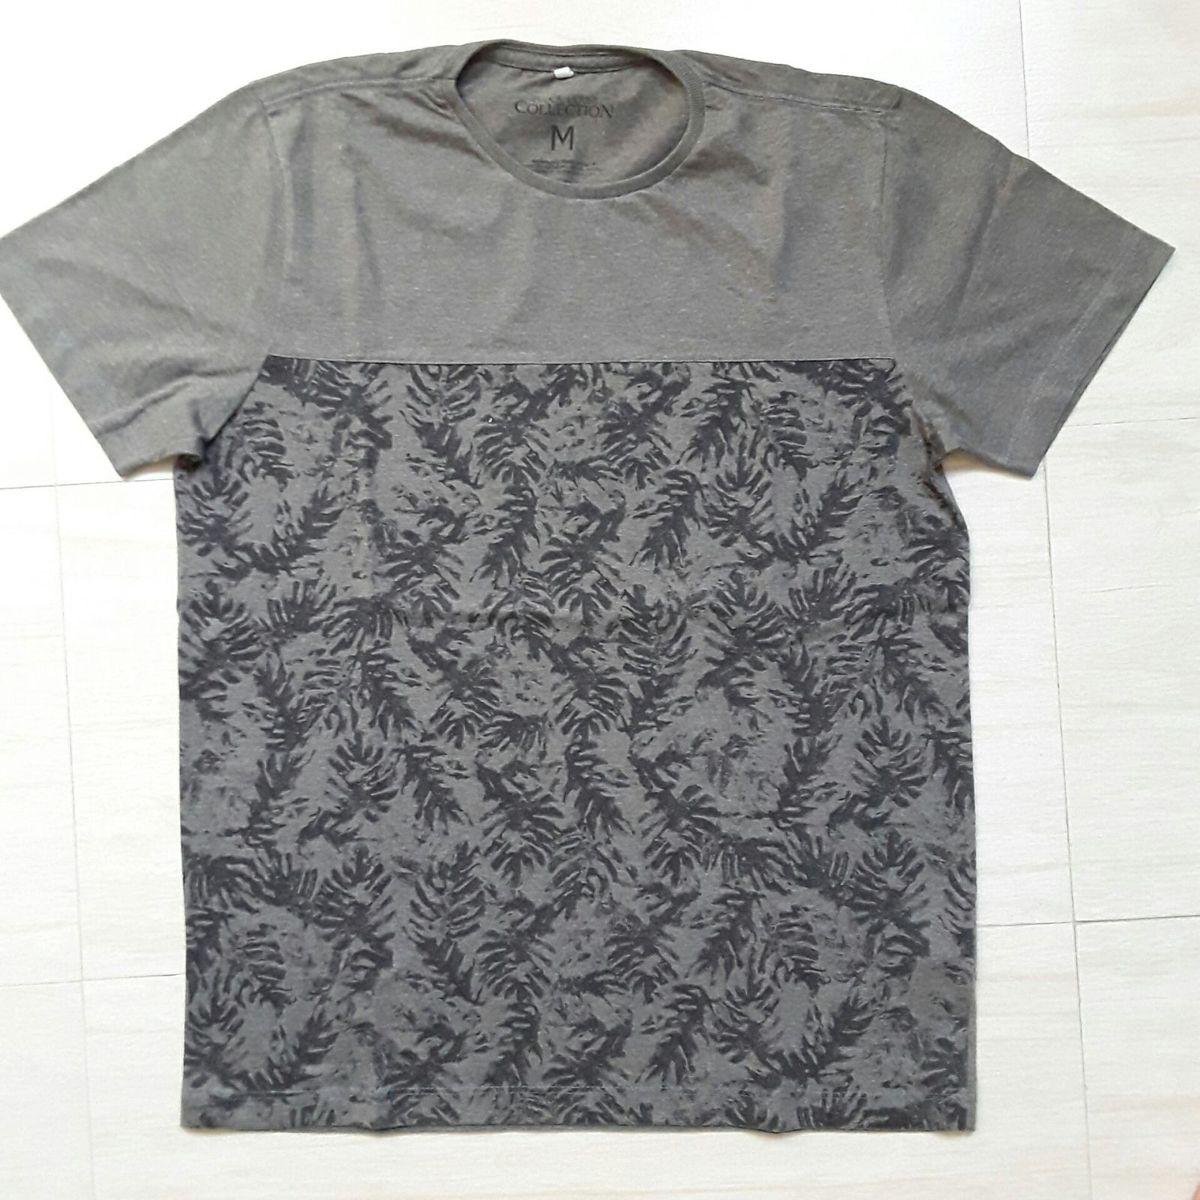 camiseta estampada - camisetas c-e-a.  Czm6ly9wag90b3muzw5qb2vplmnvbs5ici9wcm9kdwn0cy83mzqxnjyxlzmxzdniy2y2mzllzjbjyta4ota3ody4yty1ndfkythklmpwzw  ... dc93283150